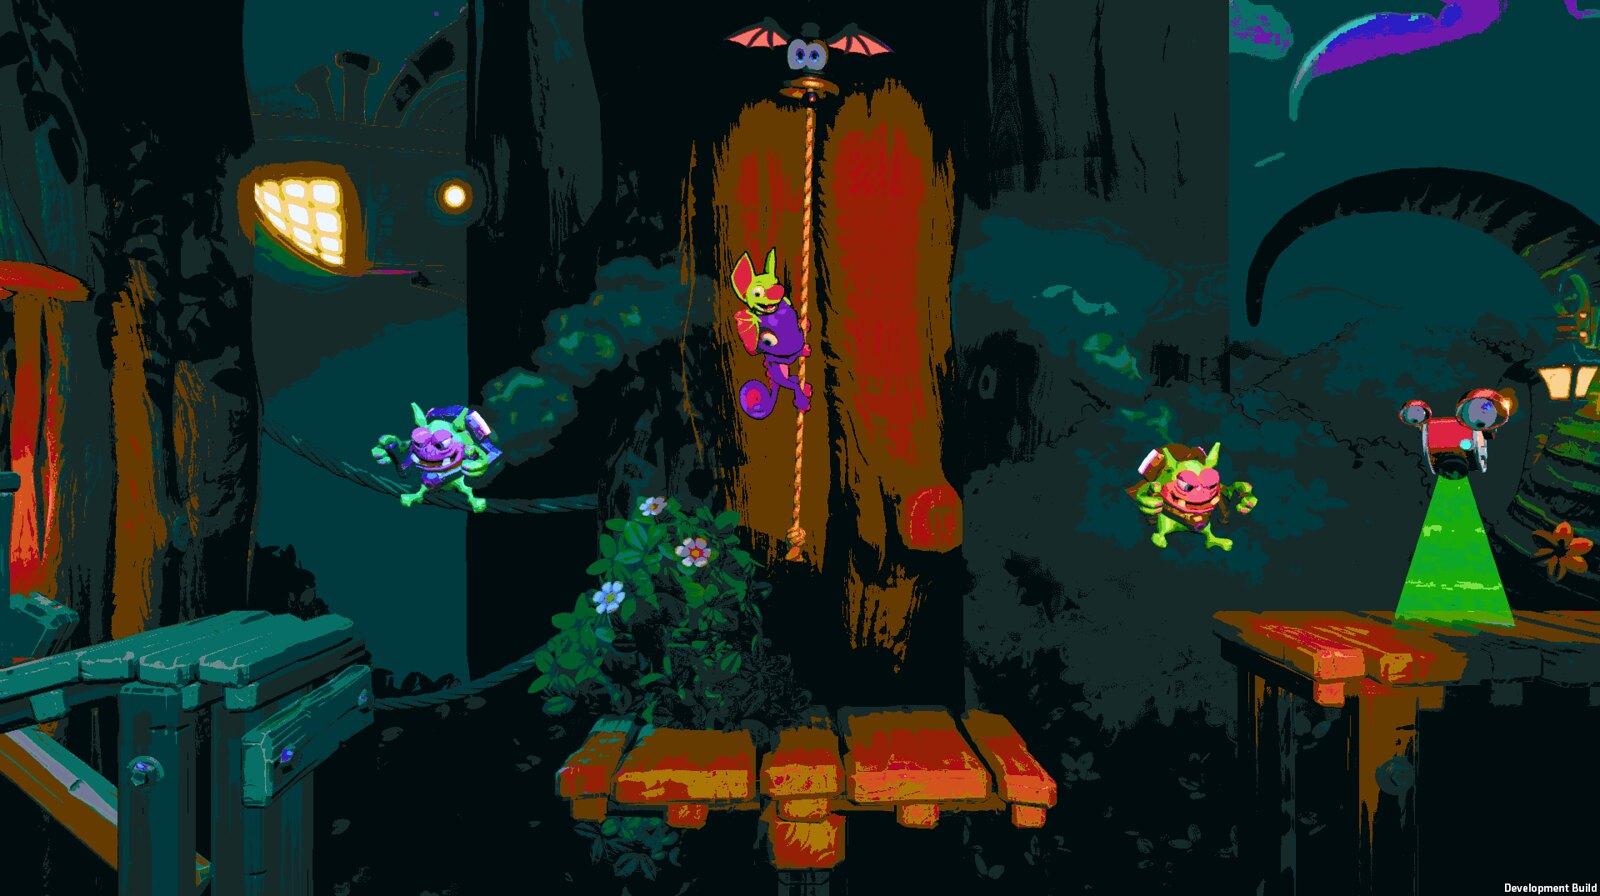 48644380783 d103f8e675 h - Das farbenfrohe Plattformer-Sequel Yooka-Laylee und das Unerreichbare Versteck bekommt ein Erscheinungsdatum für PS4